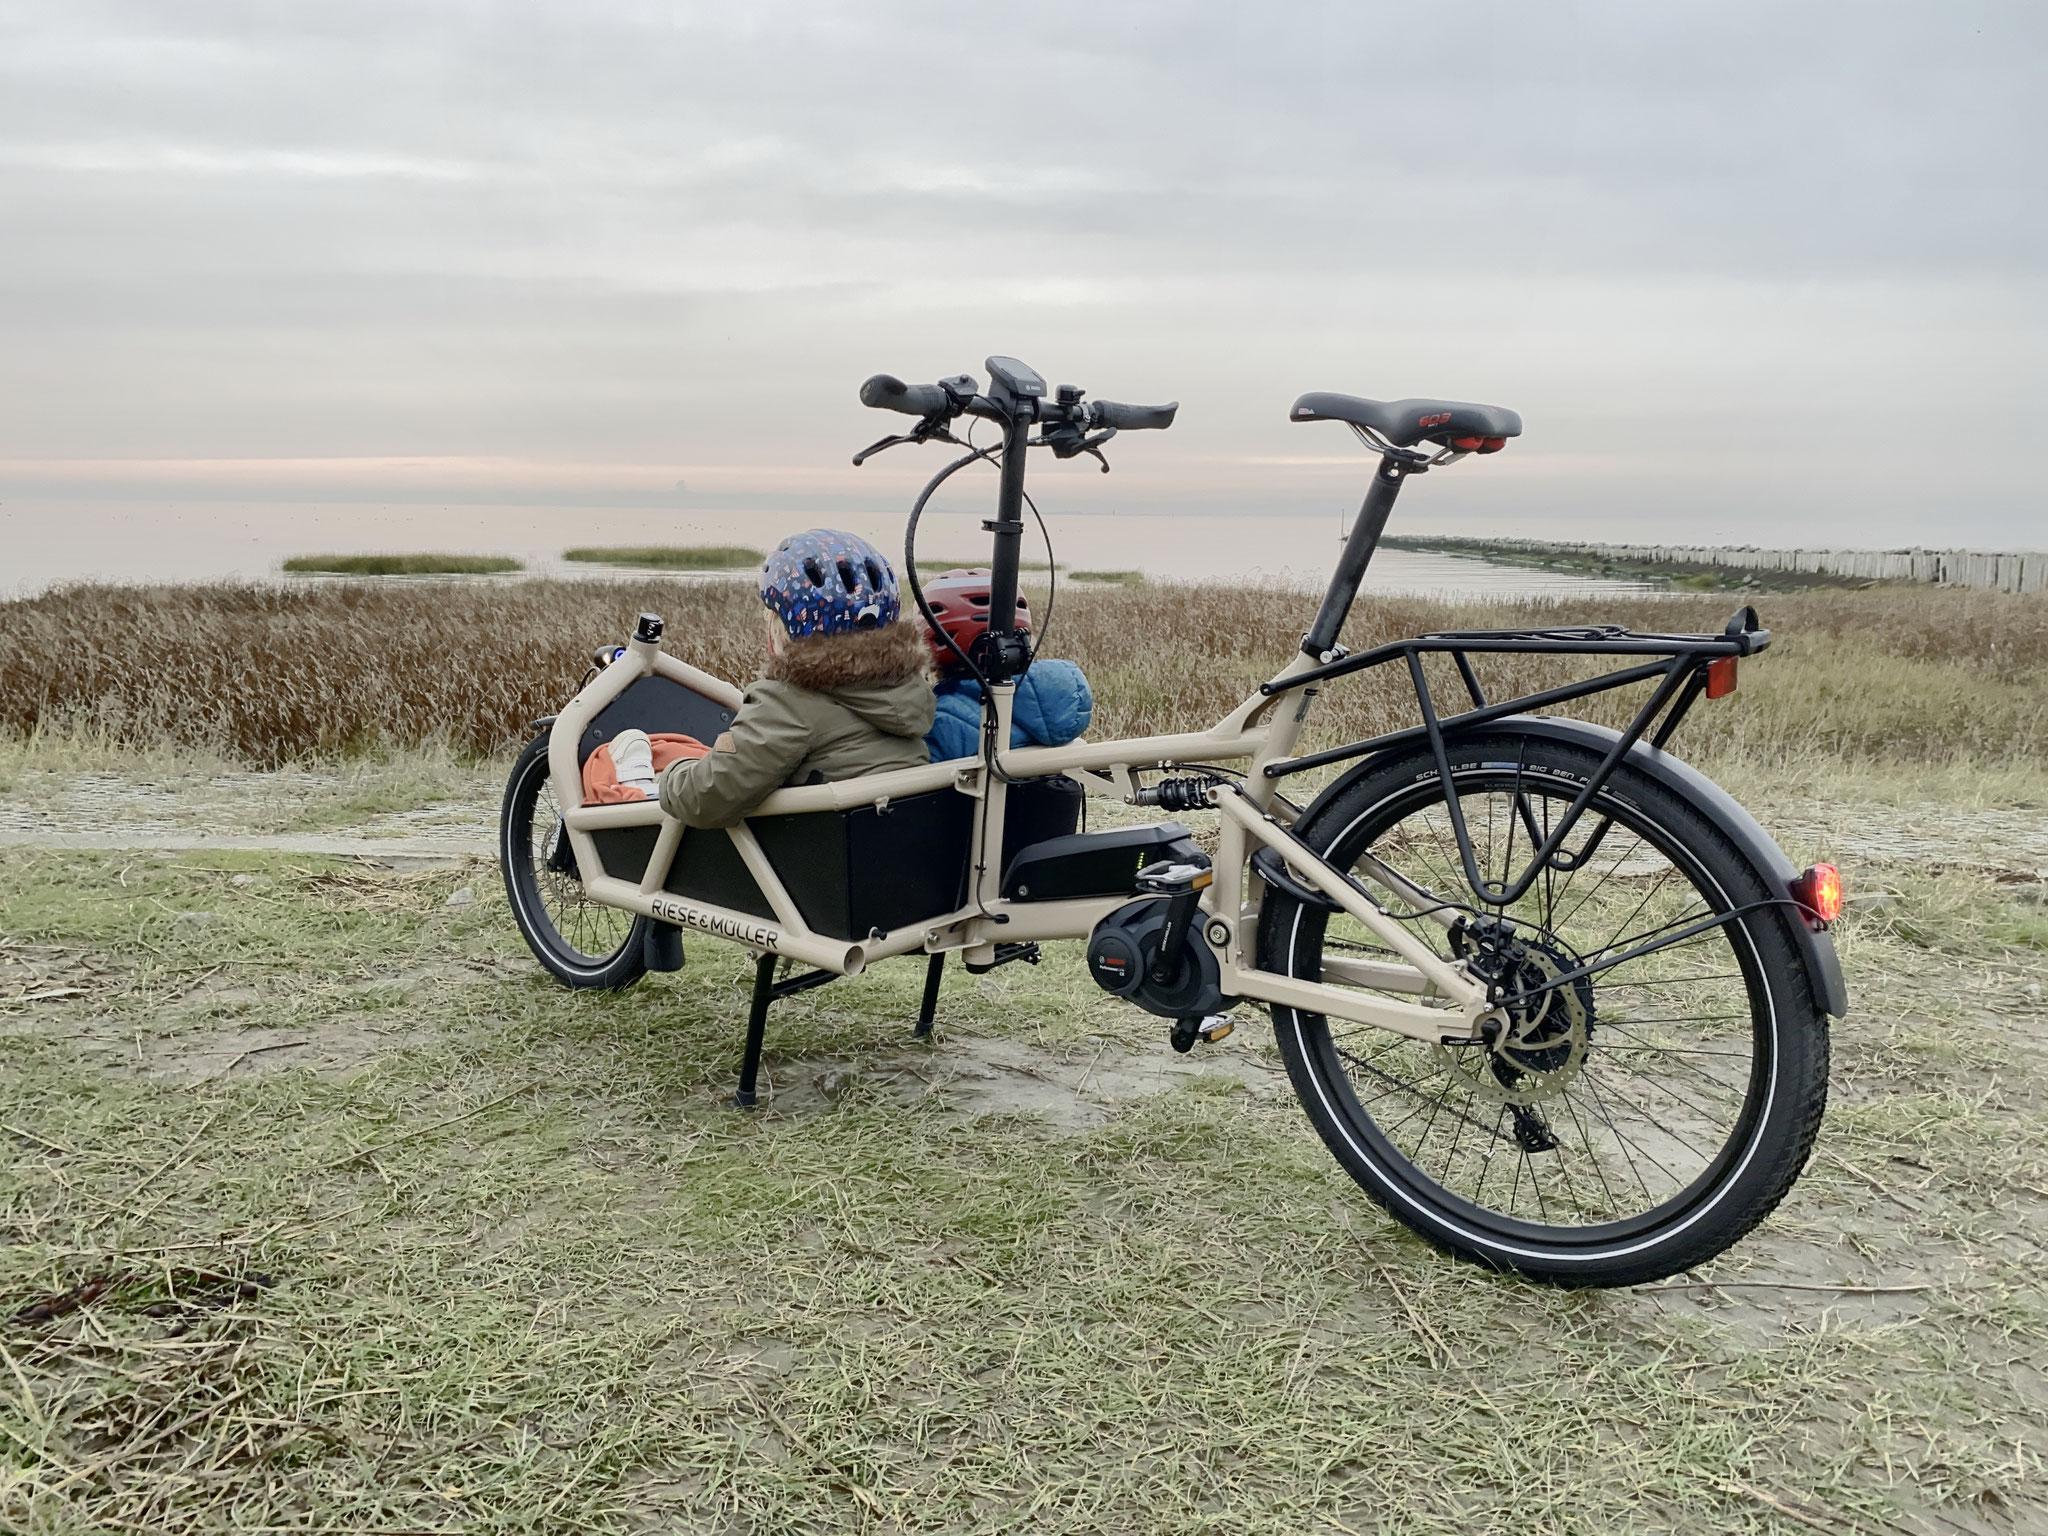 """""""Meine beiden Zwerge lieben es mit dem Lastenrad in den Kindergarten gefahren zu werden. Den Morgen mit einer guten Portion Frischluft zu beginnen, ist einfach fantastisch."""" - Dennis Hartwig Schinkel"""